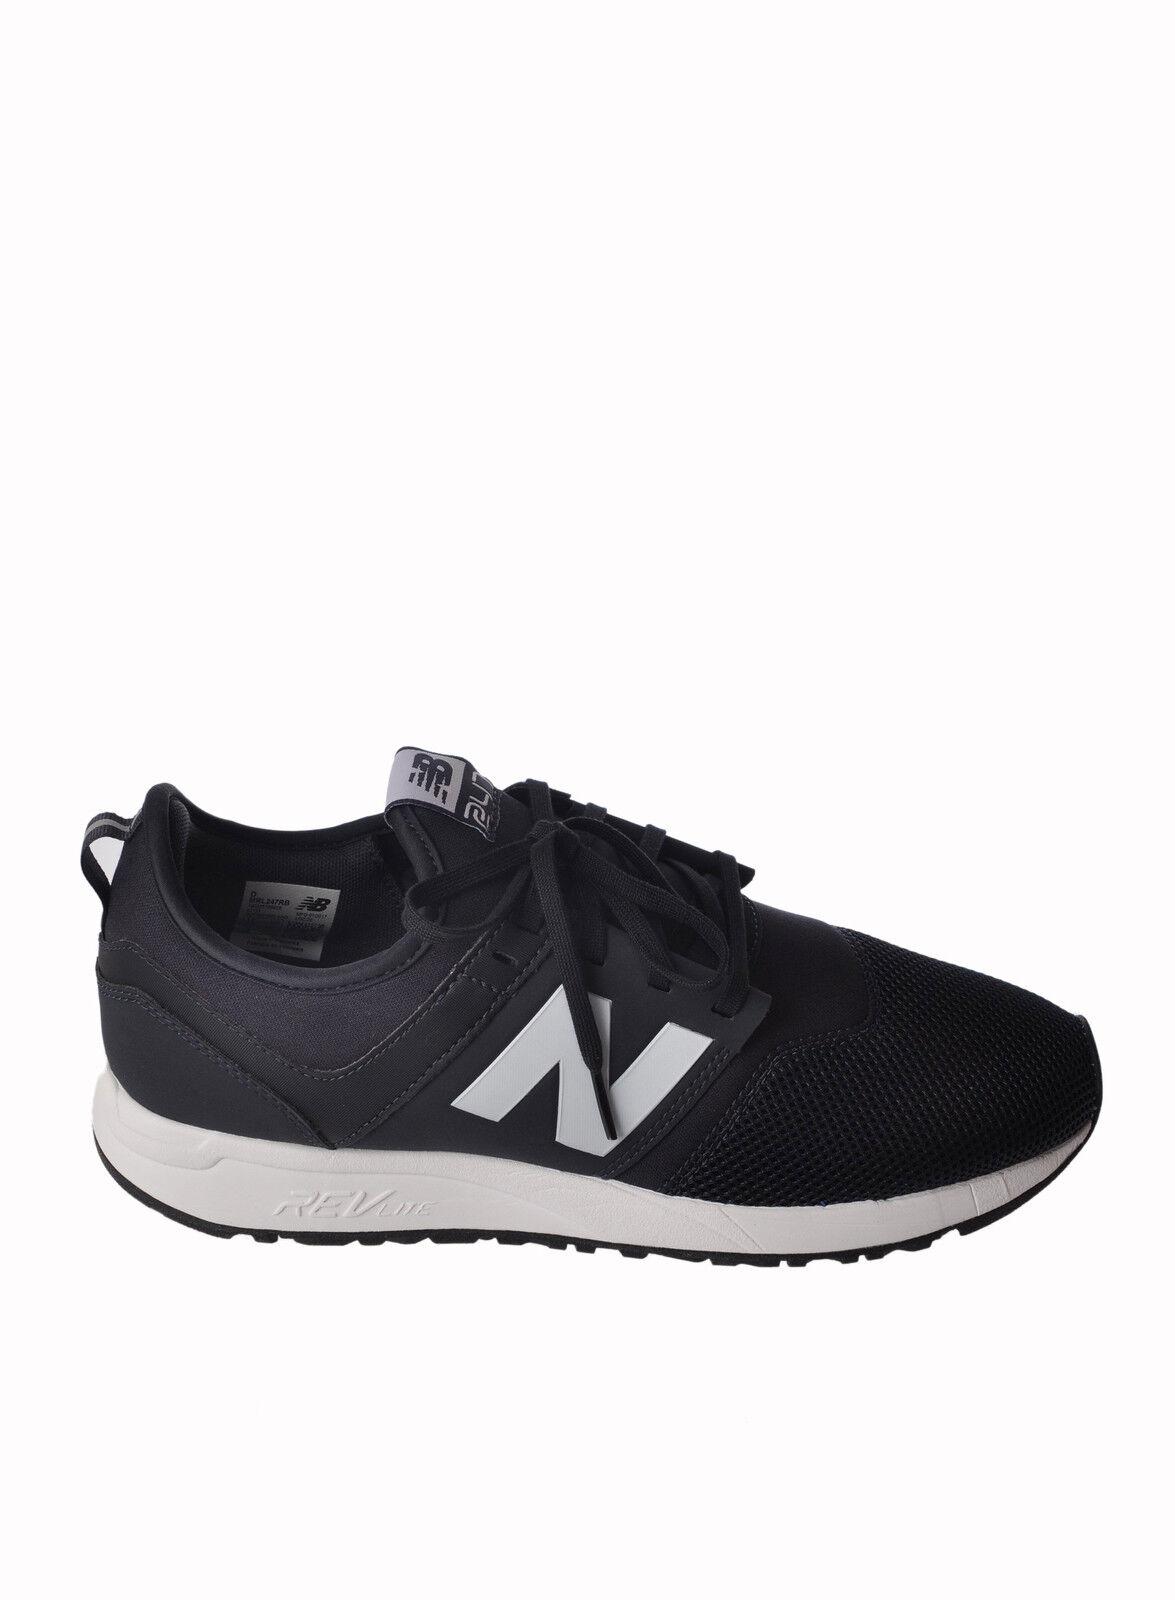 New Balance - chaussures-Lace Up - Man - bleu - 3574802H185411